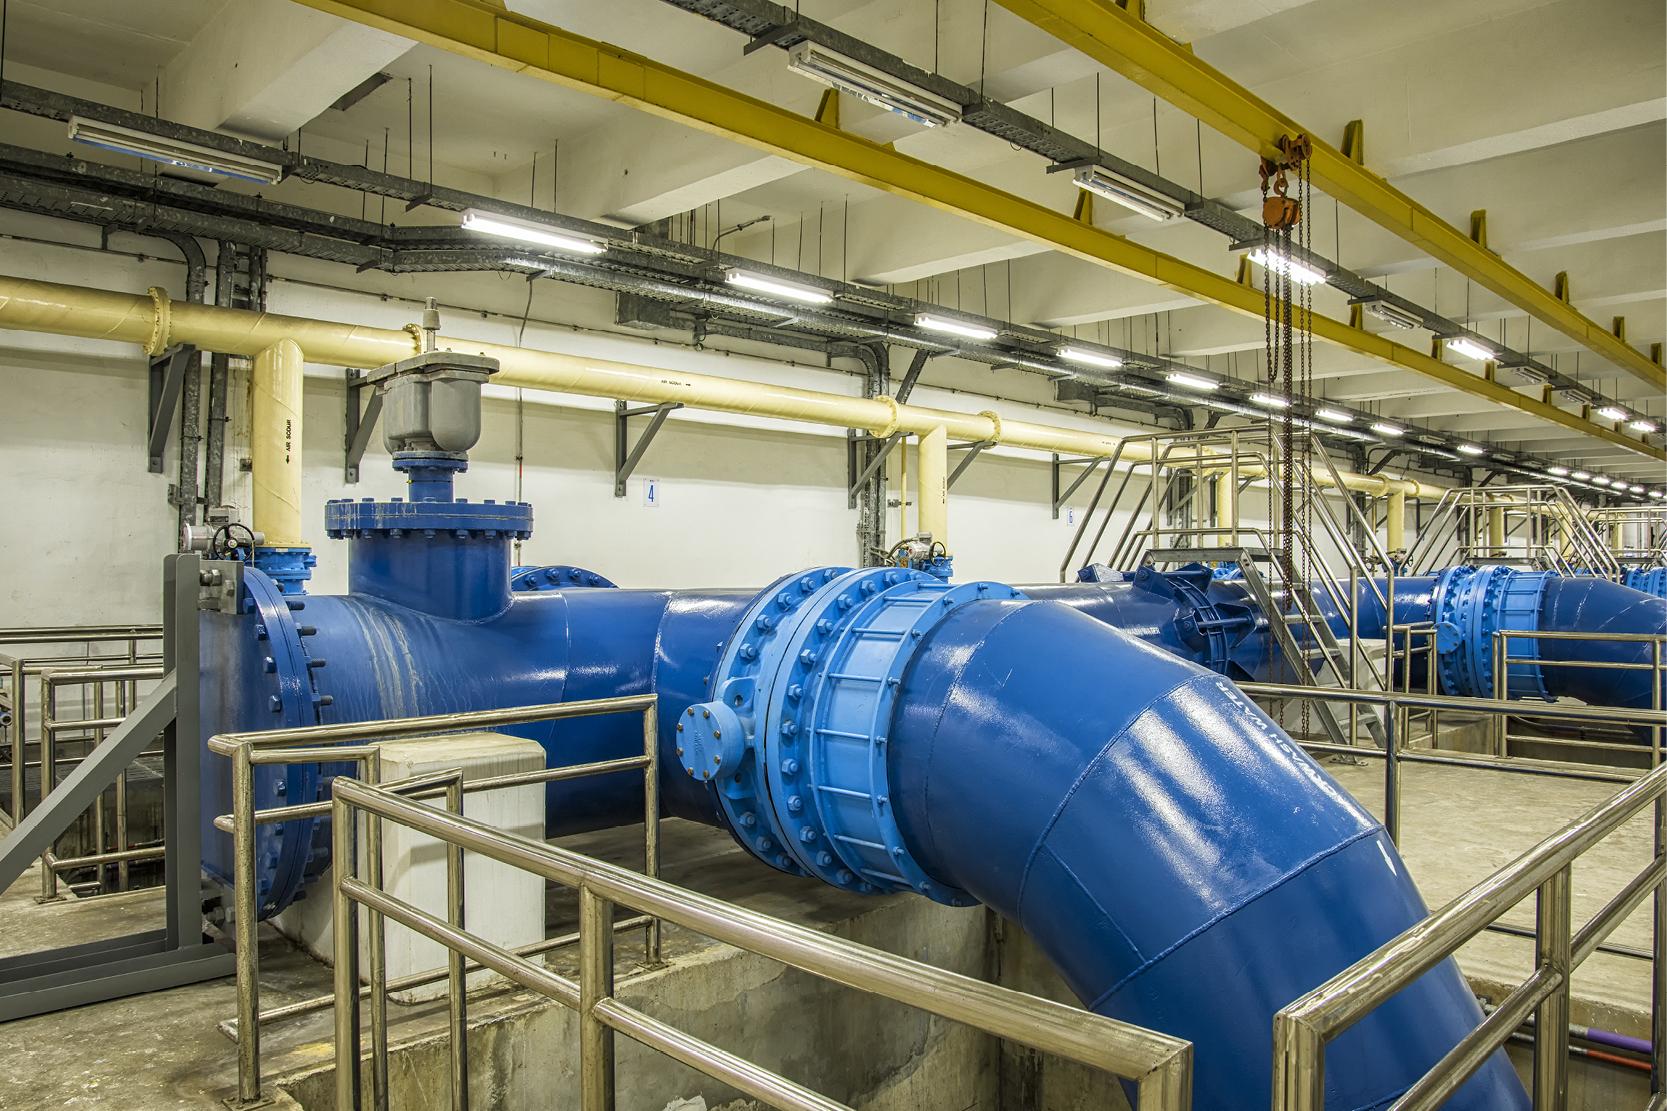 Tuberias-Procesamiento-de-Agua-Cirko-Engineering-2.jpg